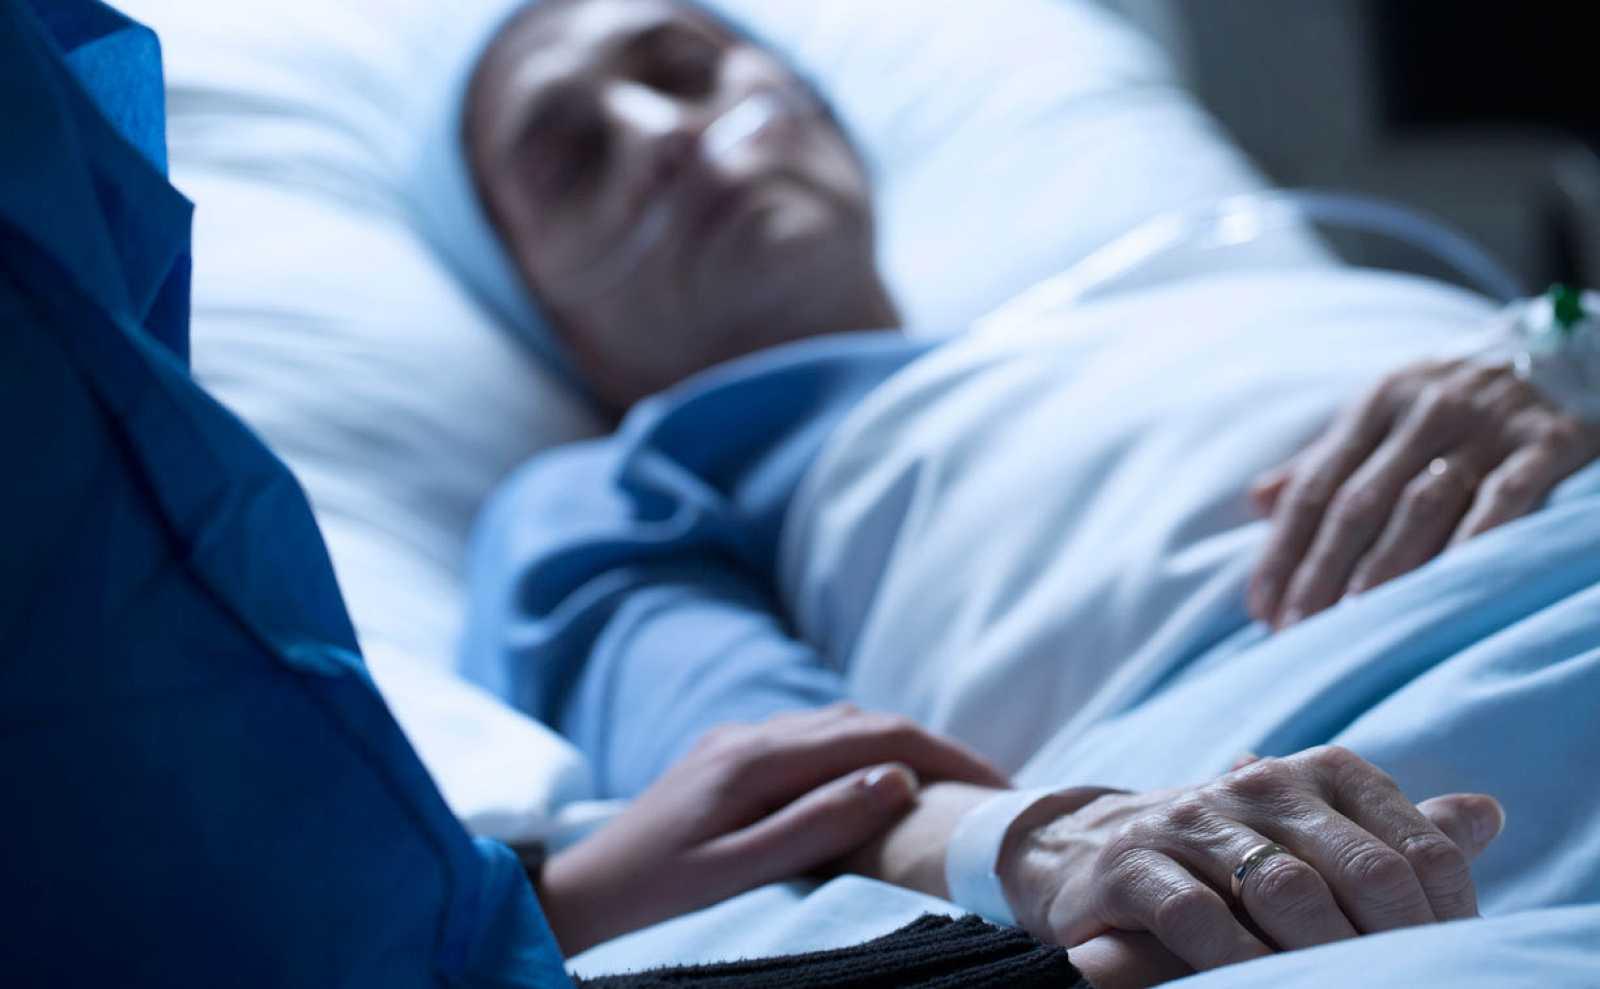 Diferencias entre eutanasia activa y suicidio asistido l RTVE